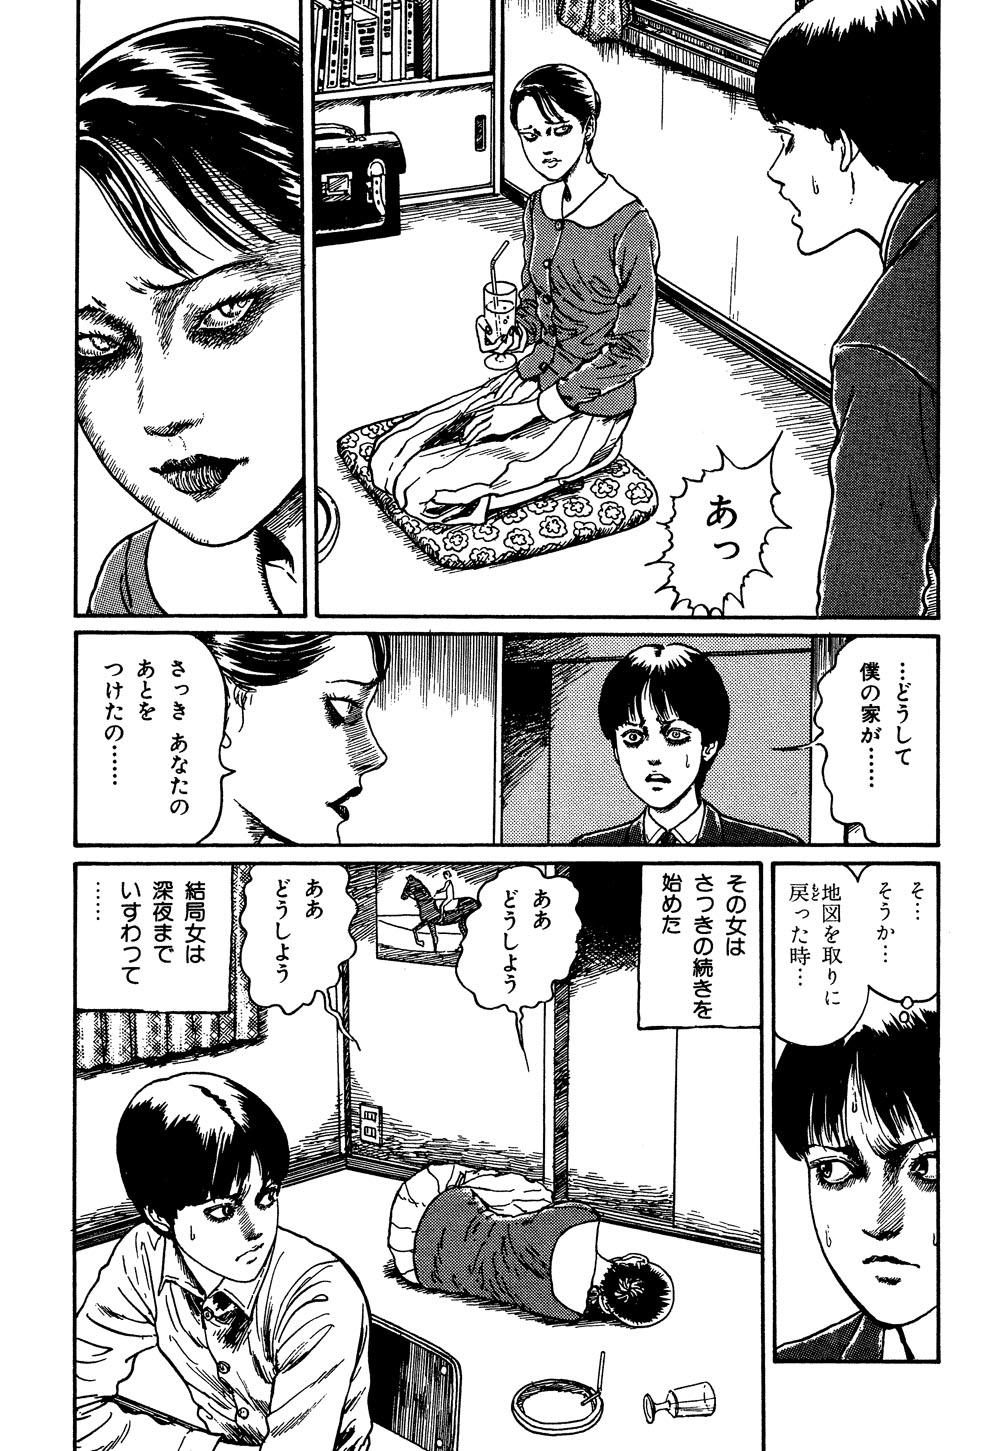 itouj_0004_0093.jpg